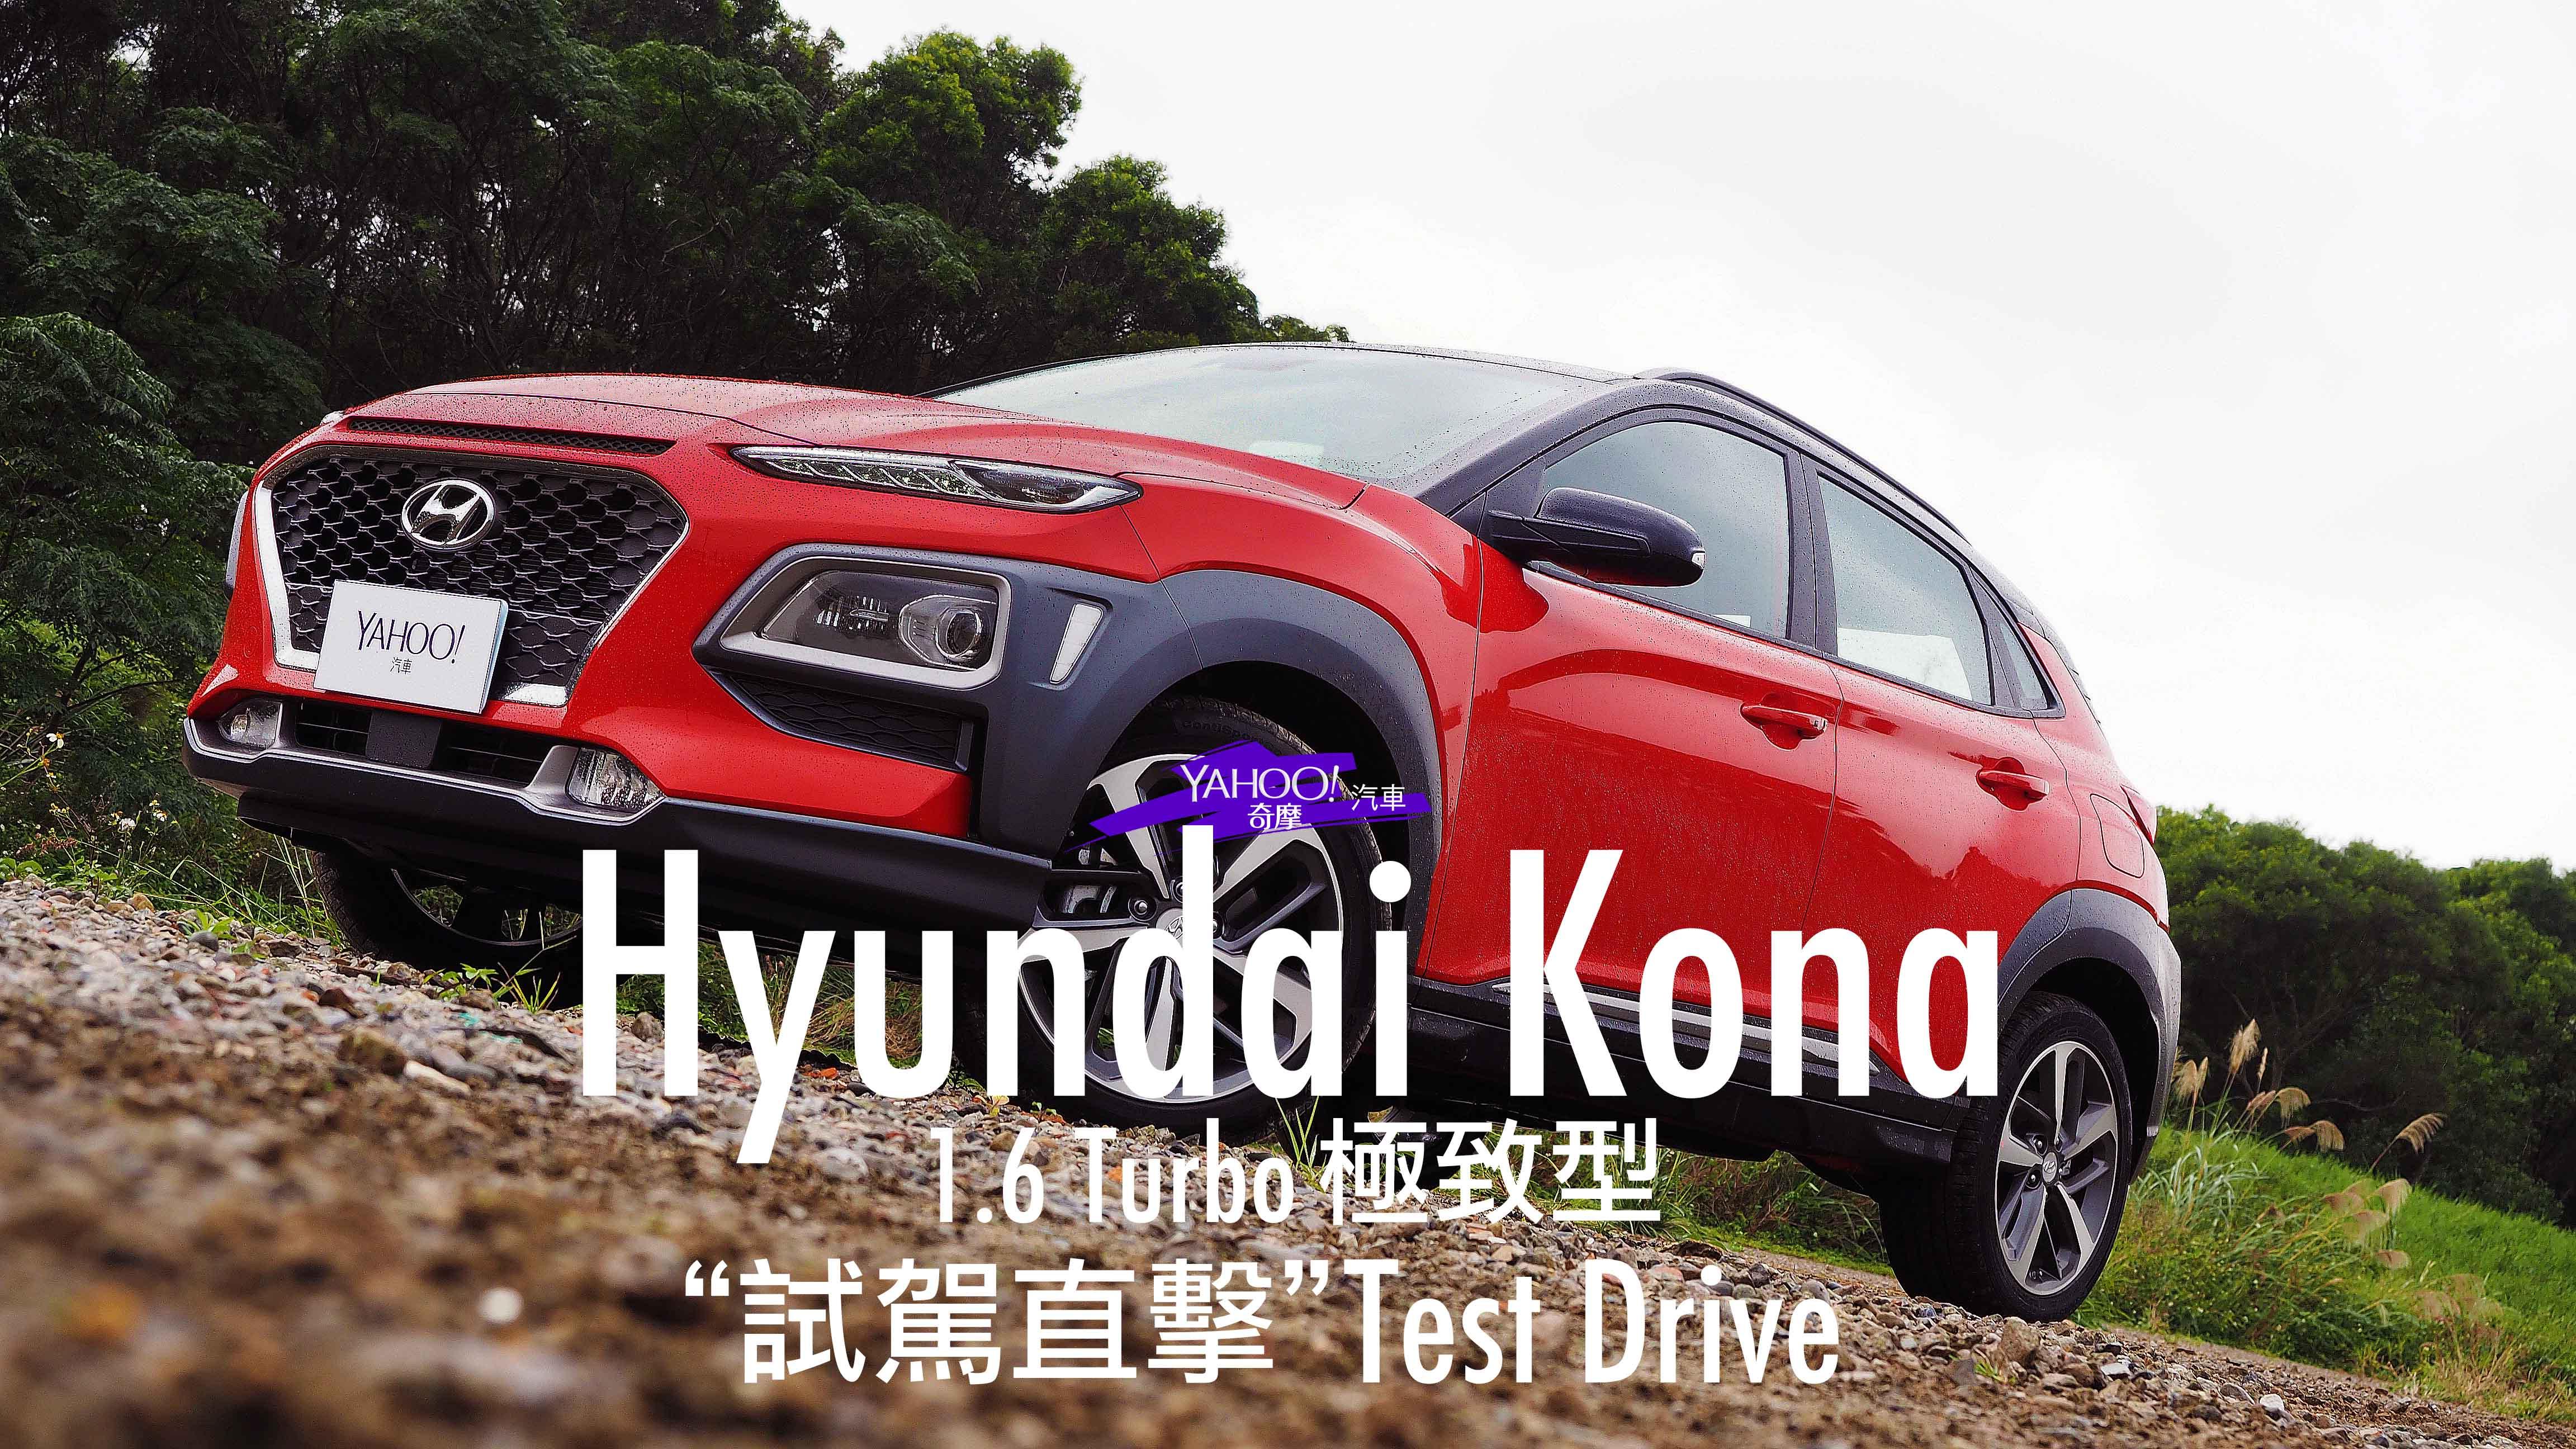 【試駕直擊】再一次、突破對韓國車的想像!Hyundai Kona極致型試駕